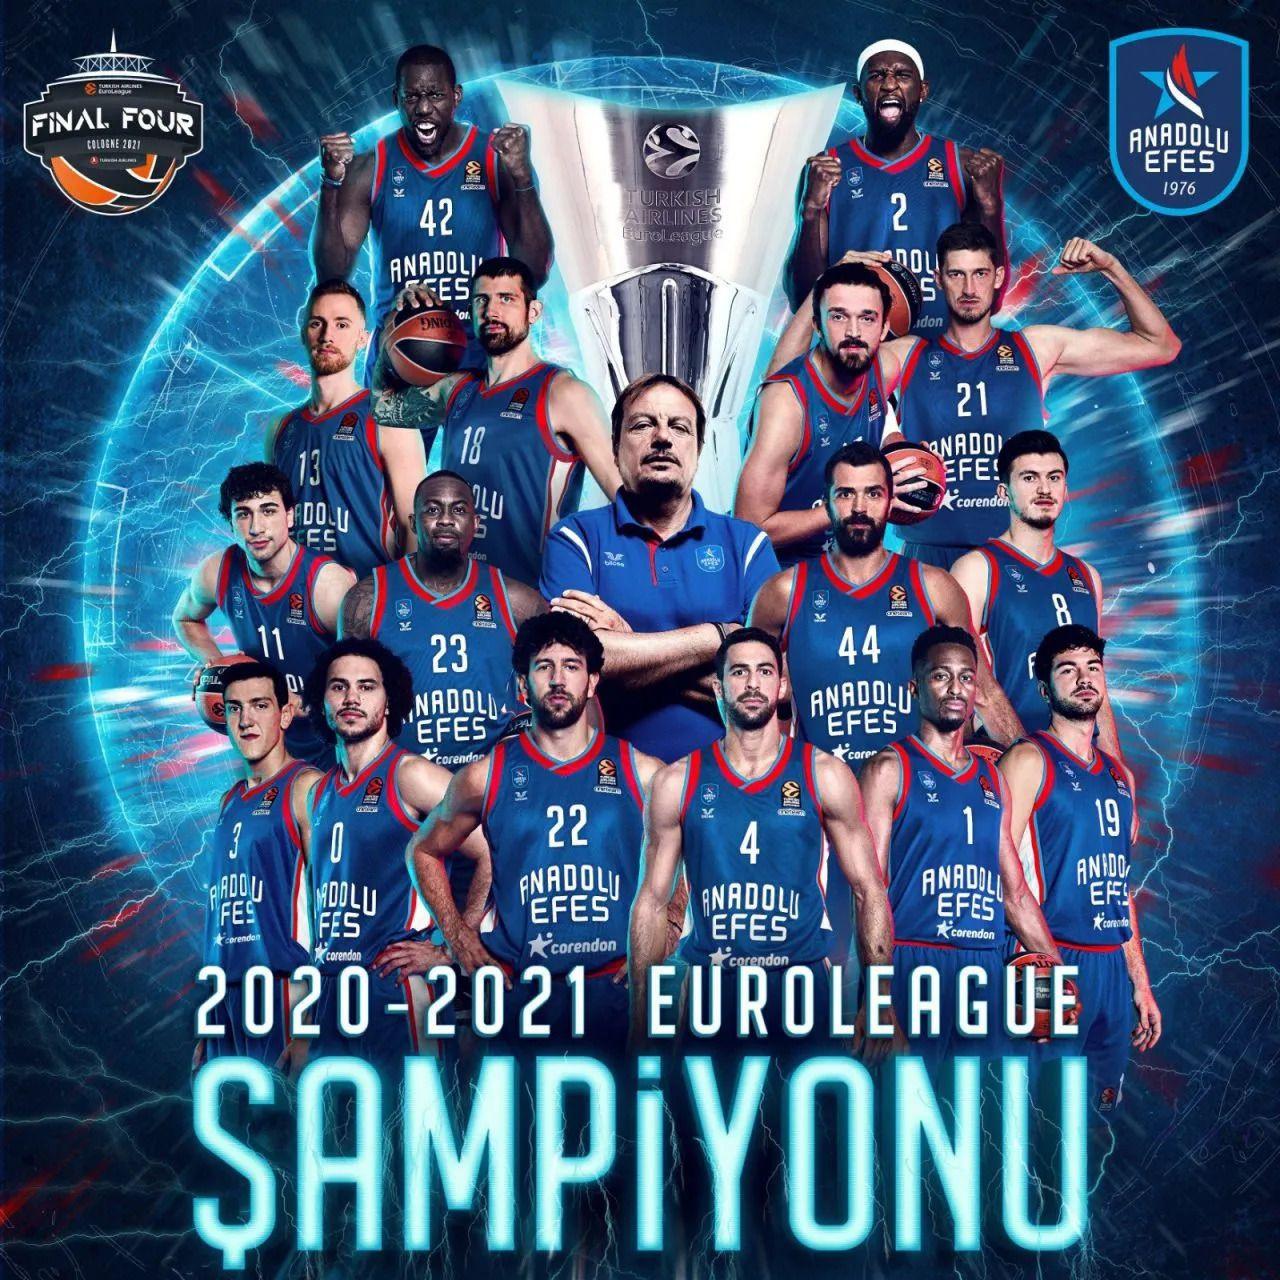 Euroleague'de şampiyon Anadolu Efes - Sayfa 4